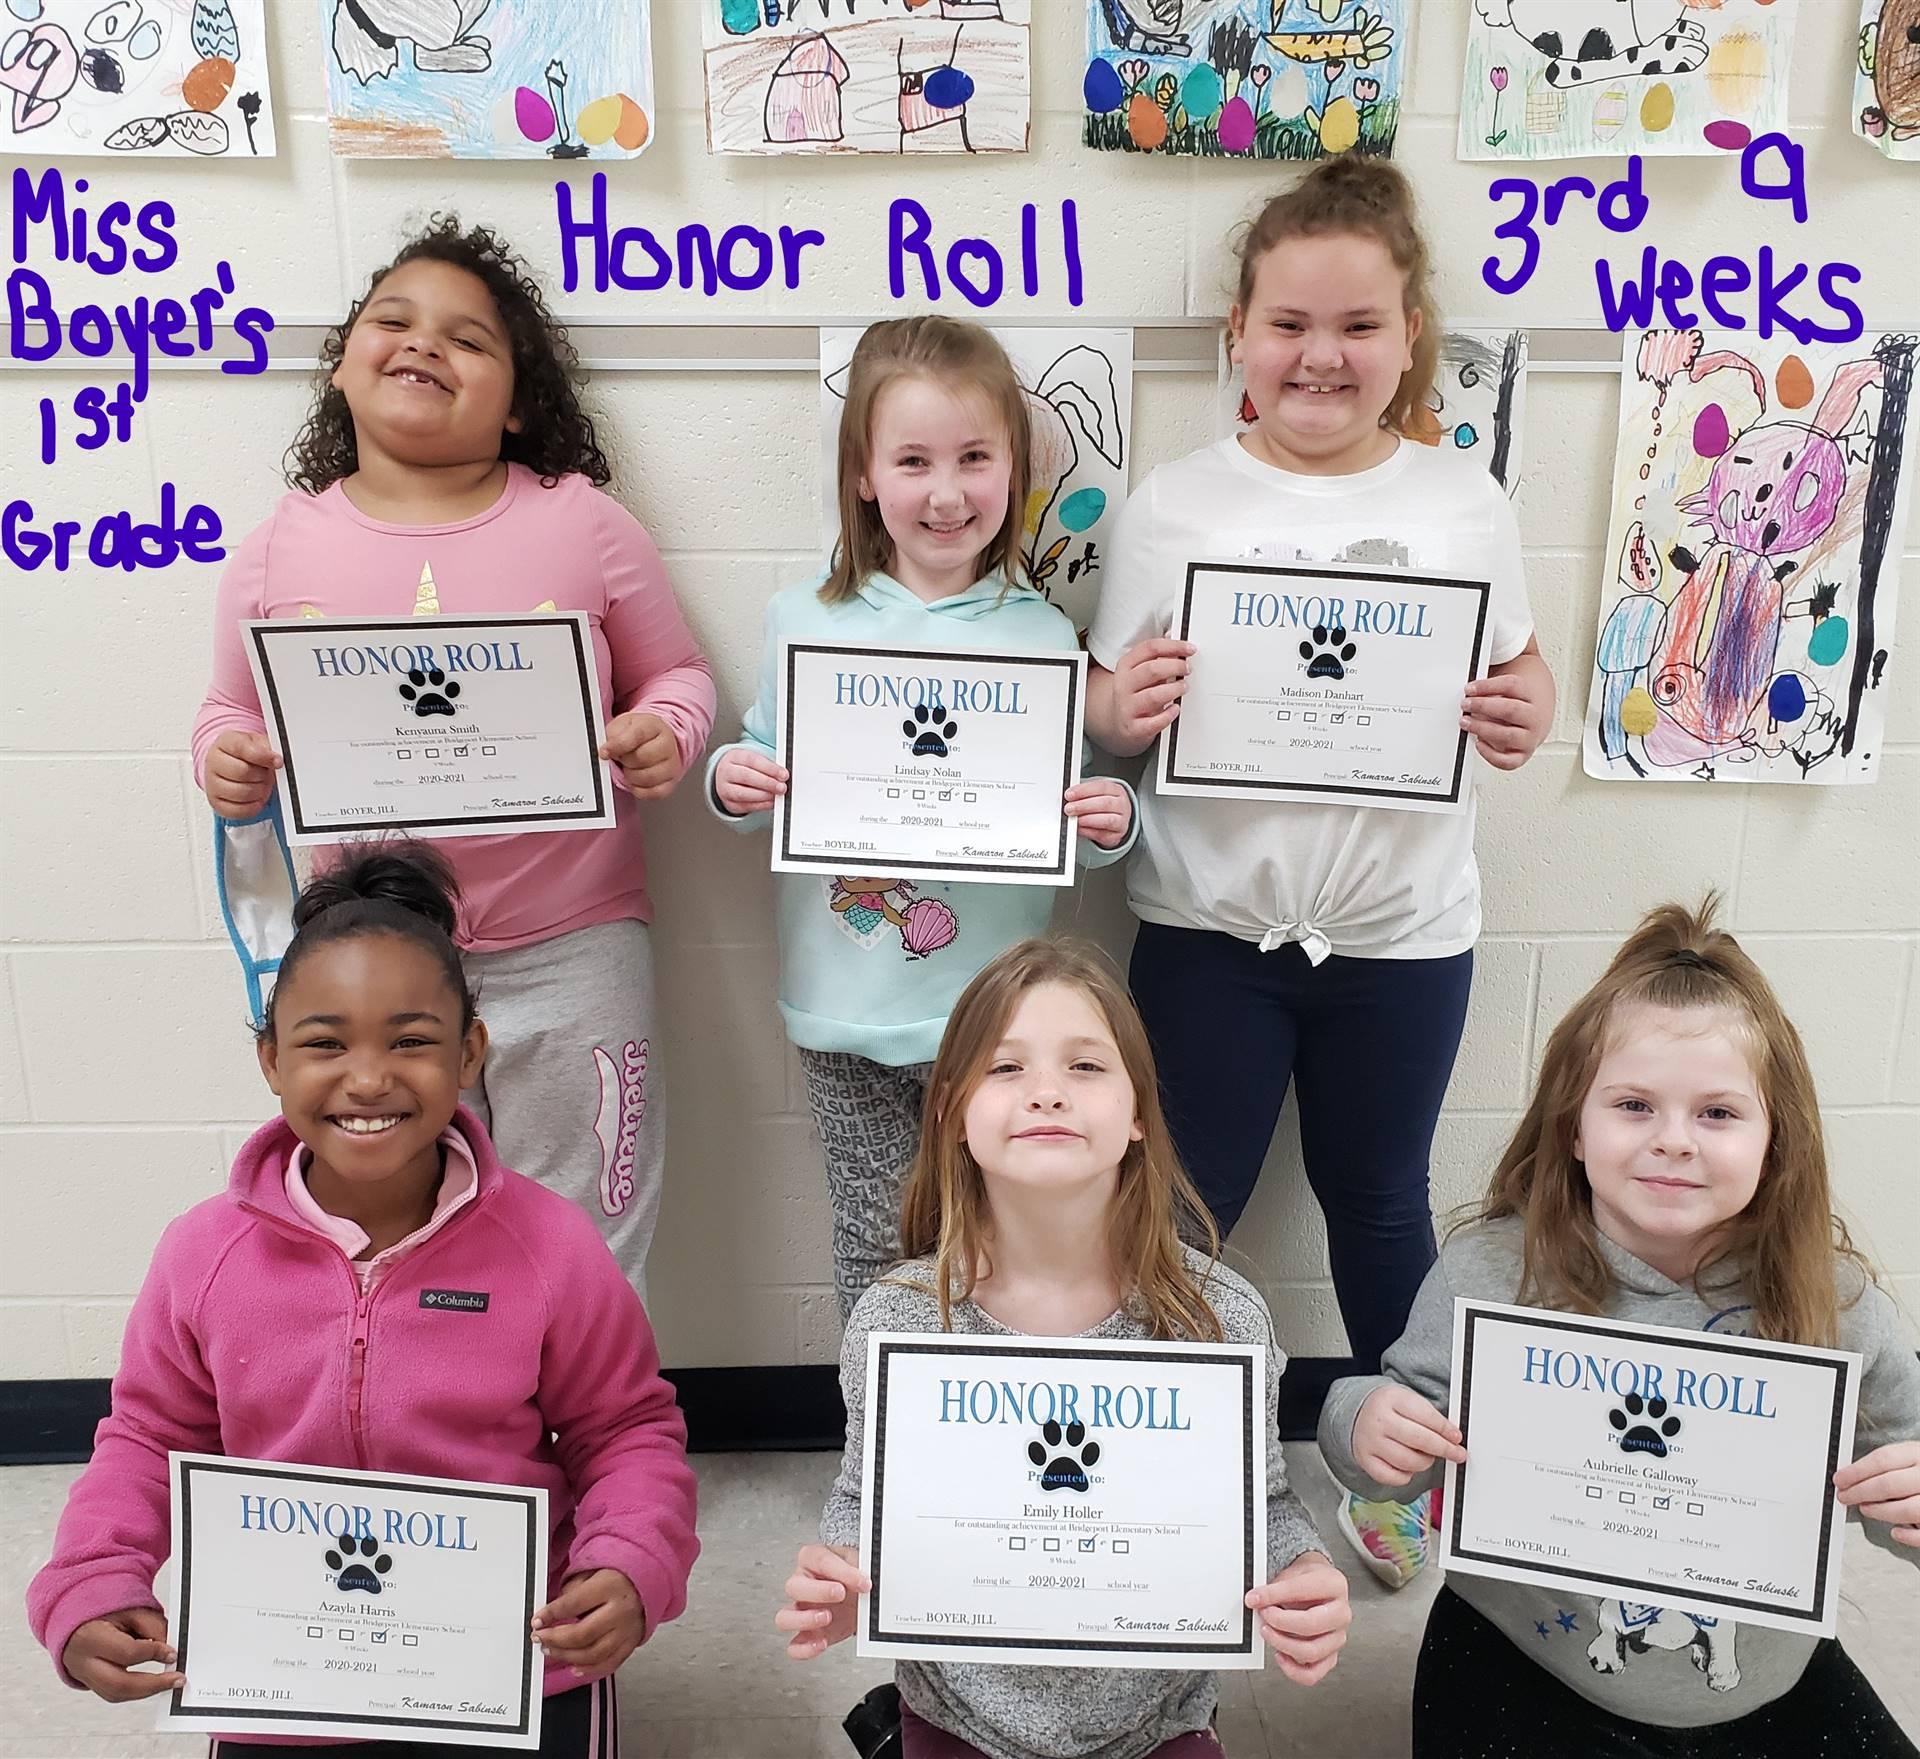 Miss Boyer's 1st Grade Class